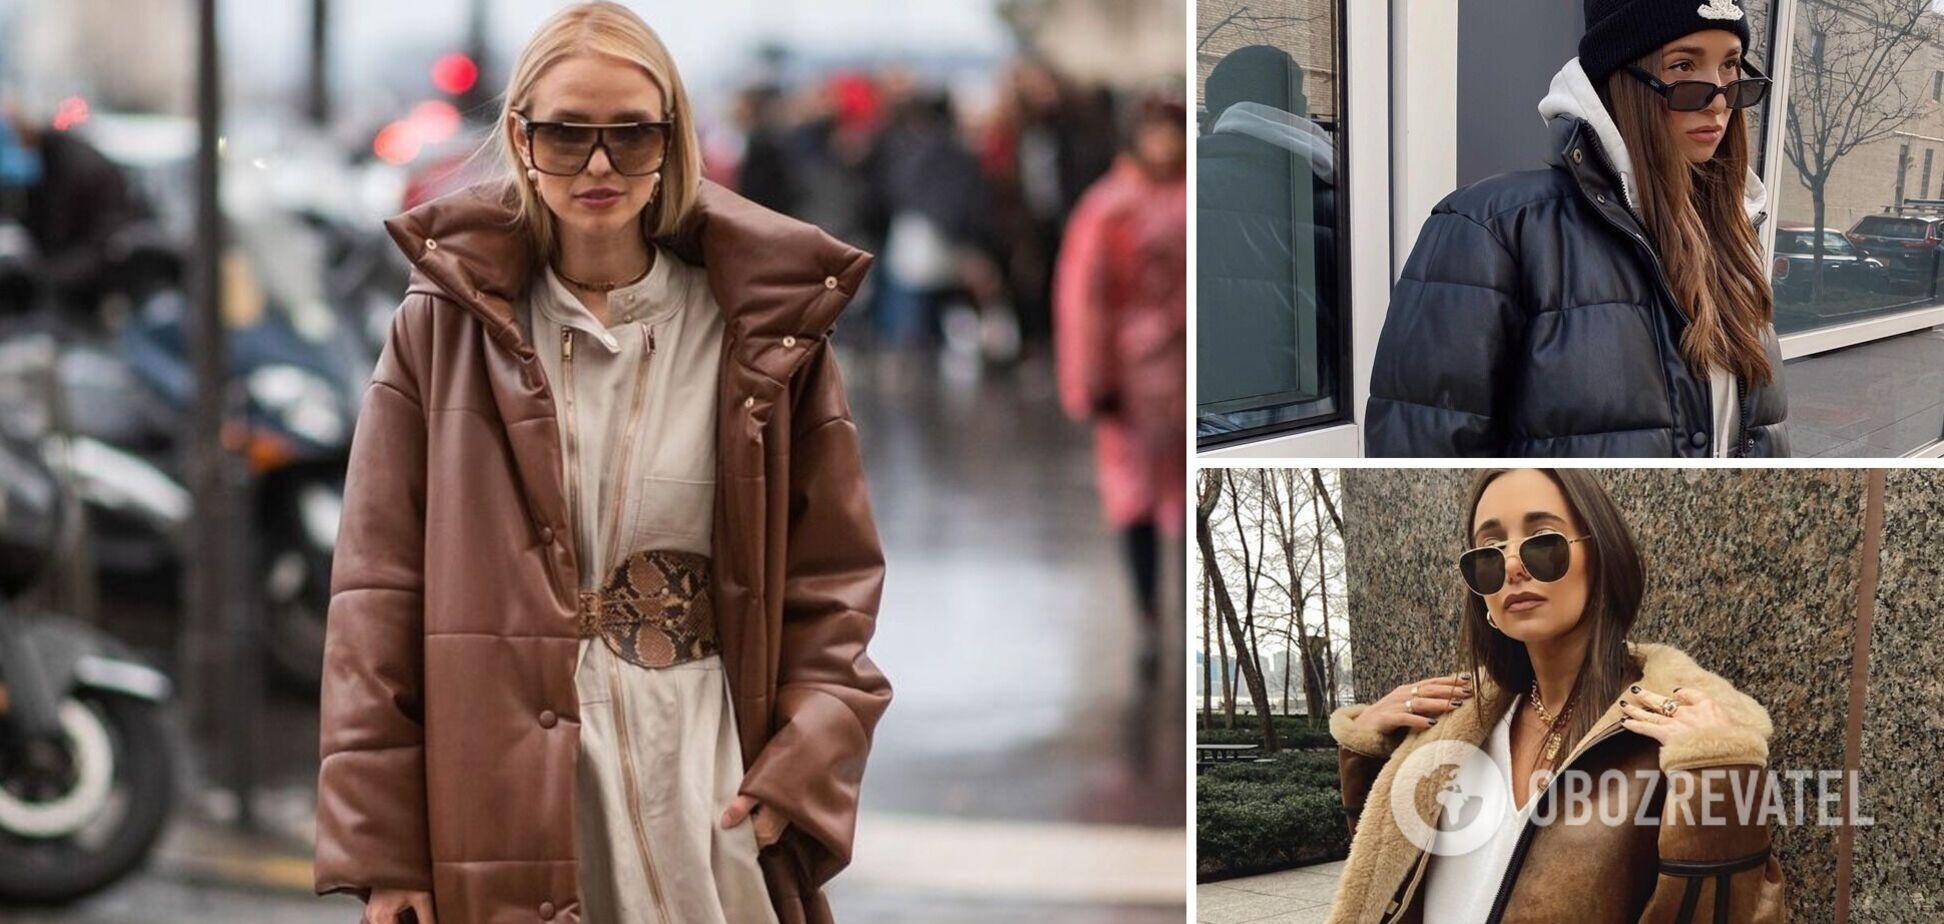 Осторожно, антитренды: стилист рассказала, как правильно выбрать куртку на осень. Фото